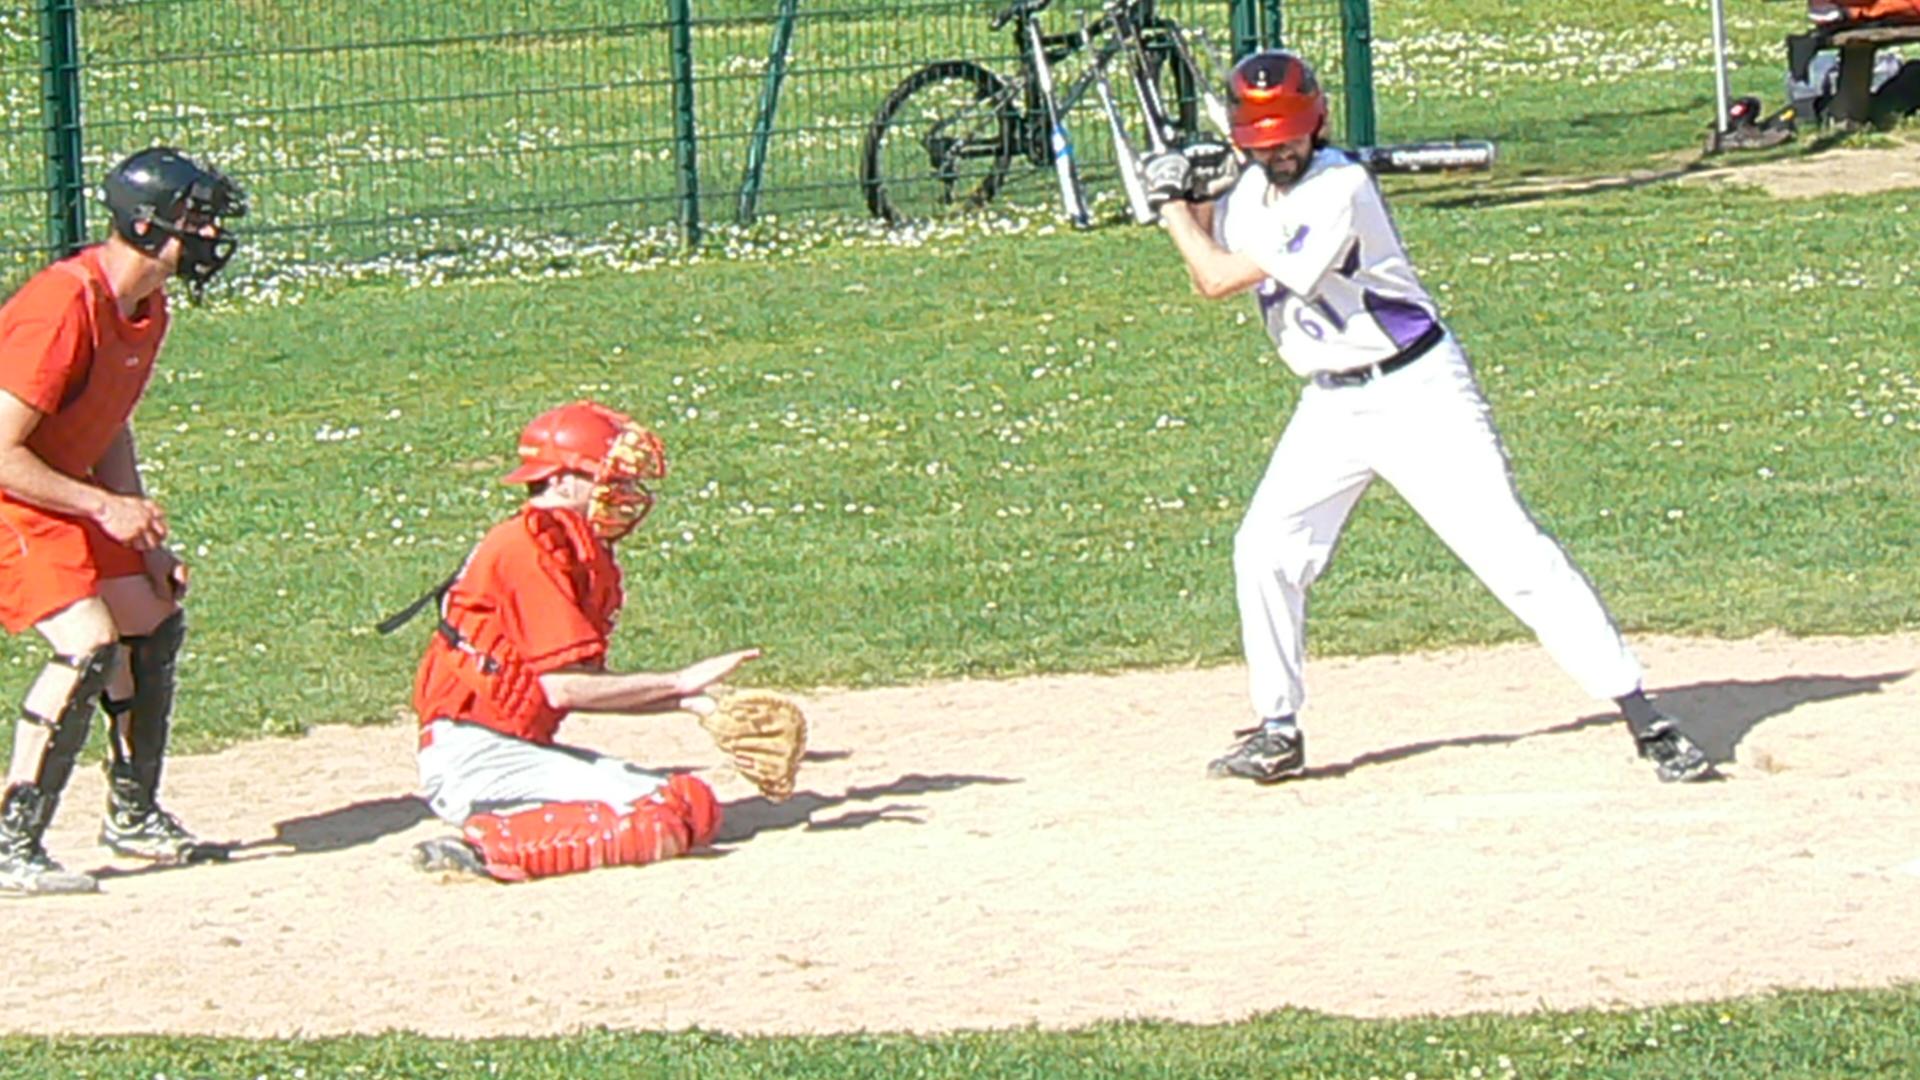 2011-04-10 - Baseball vs PUC 3 a Cergy (53)